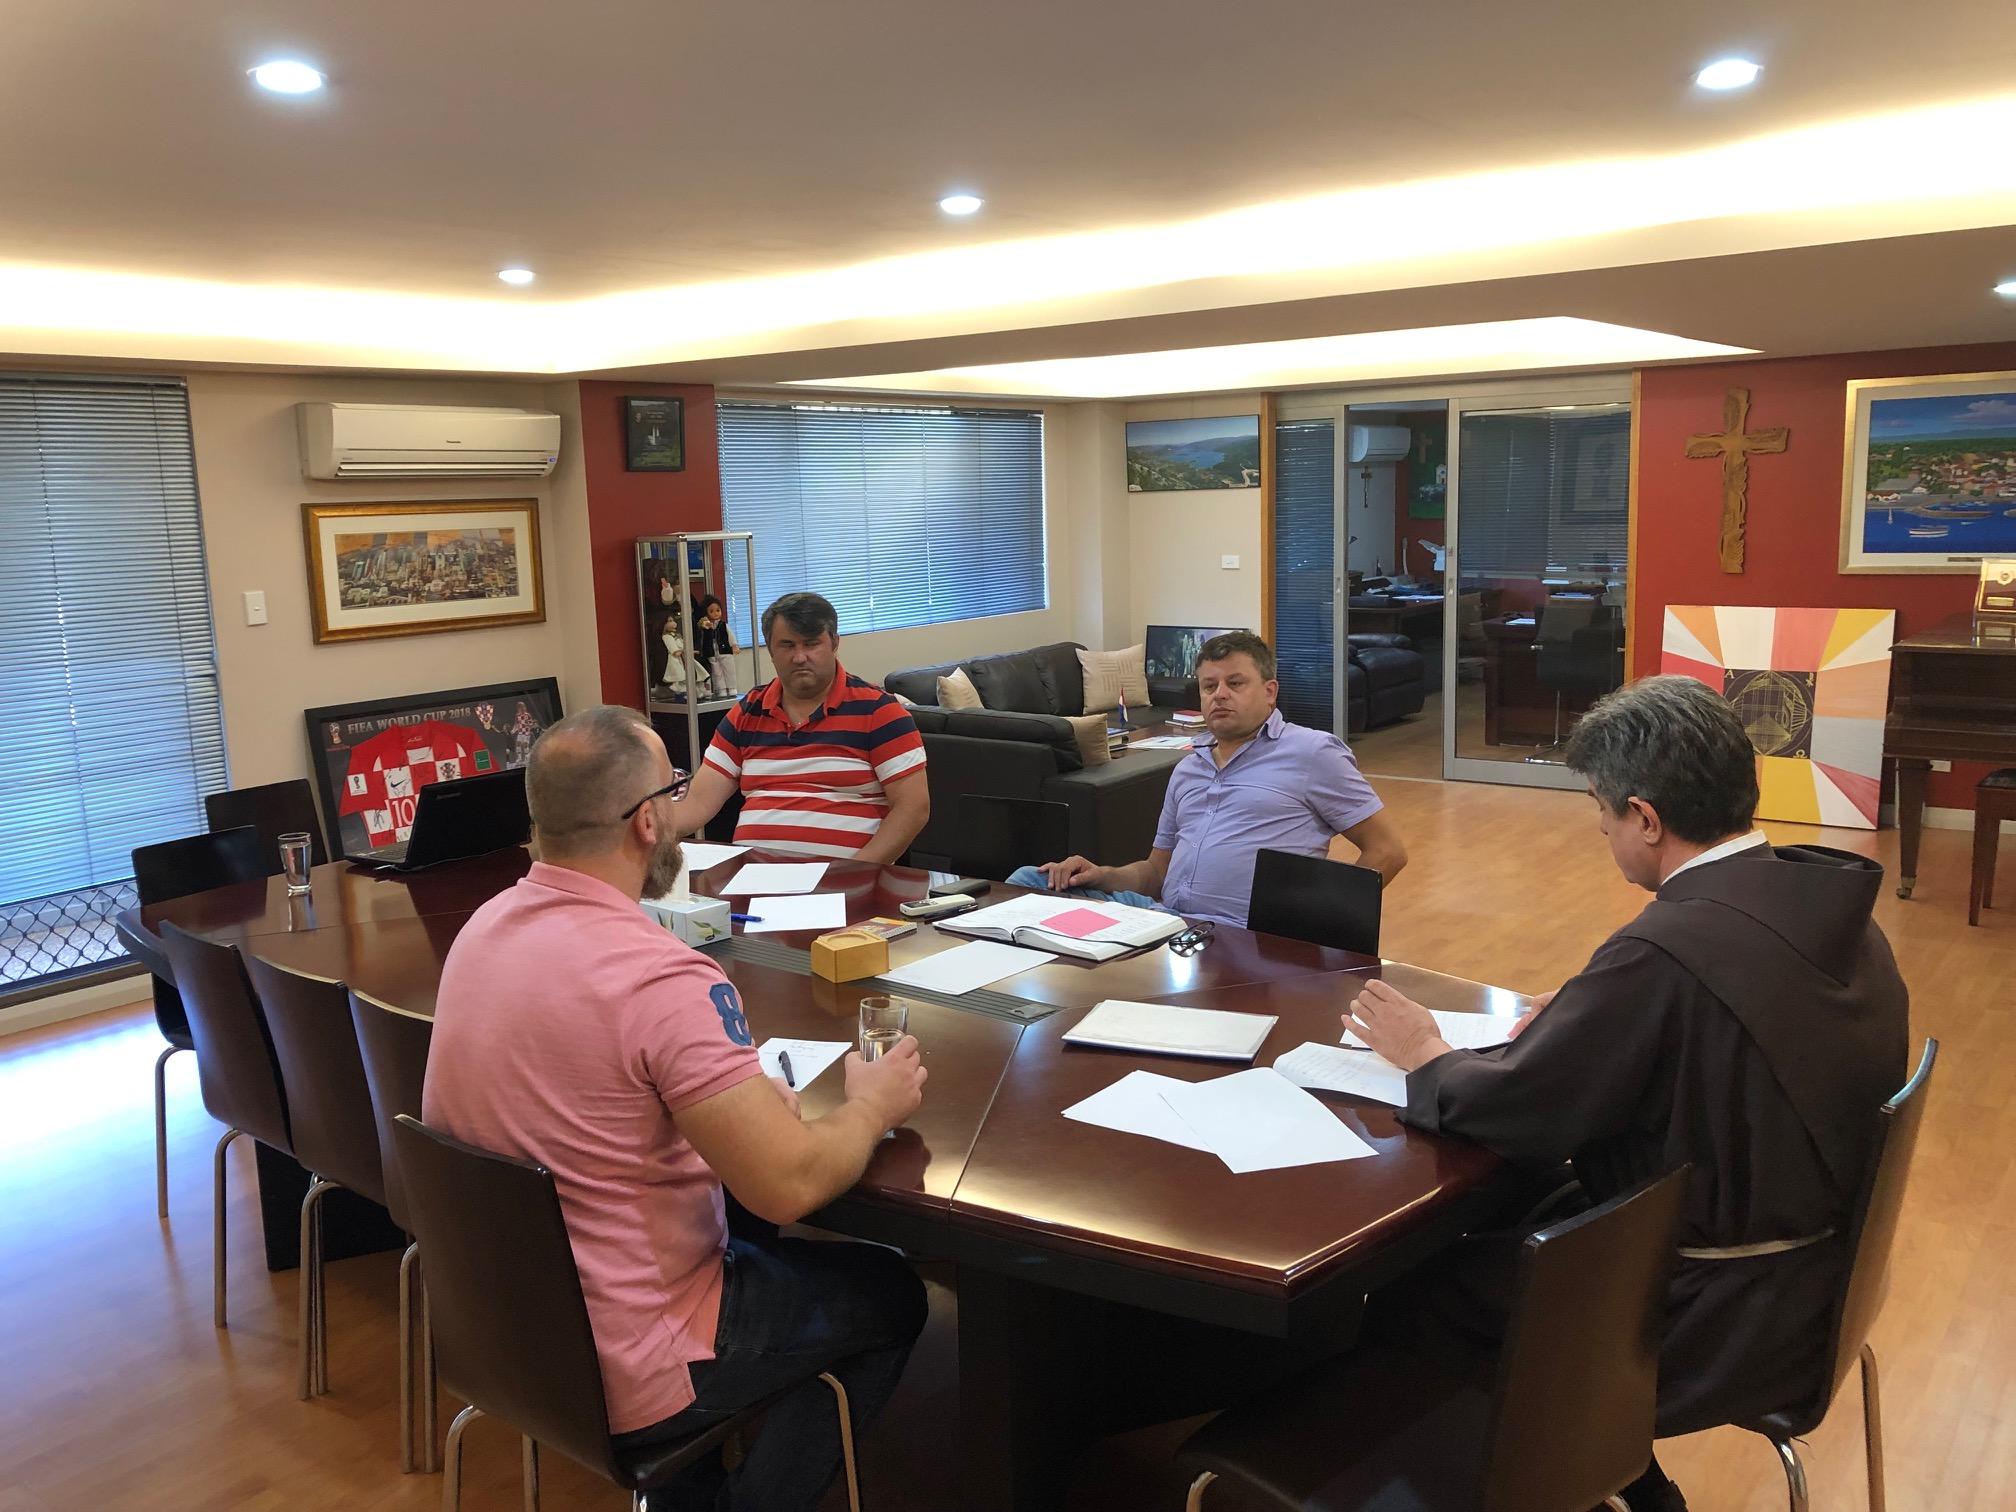 nedjelja susreće sastanke stvoriti dobar profil za upoznavanje putem interneta